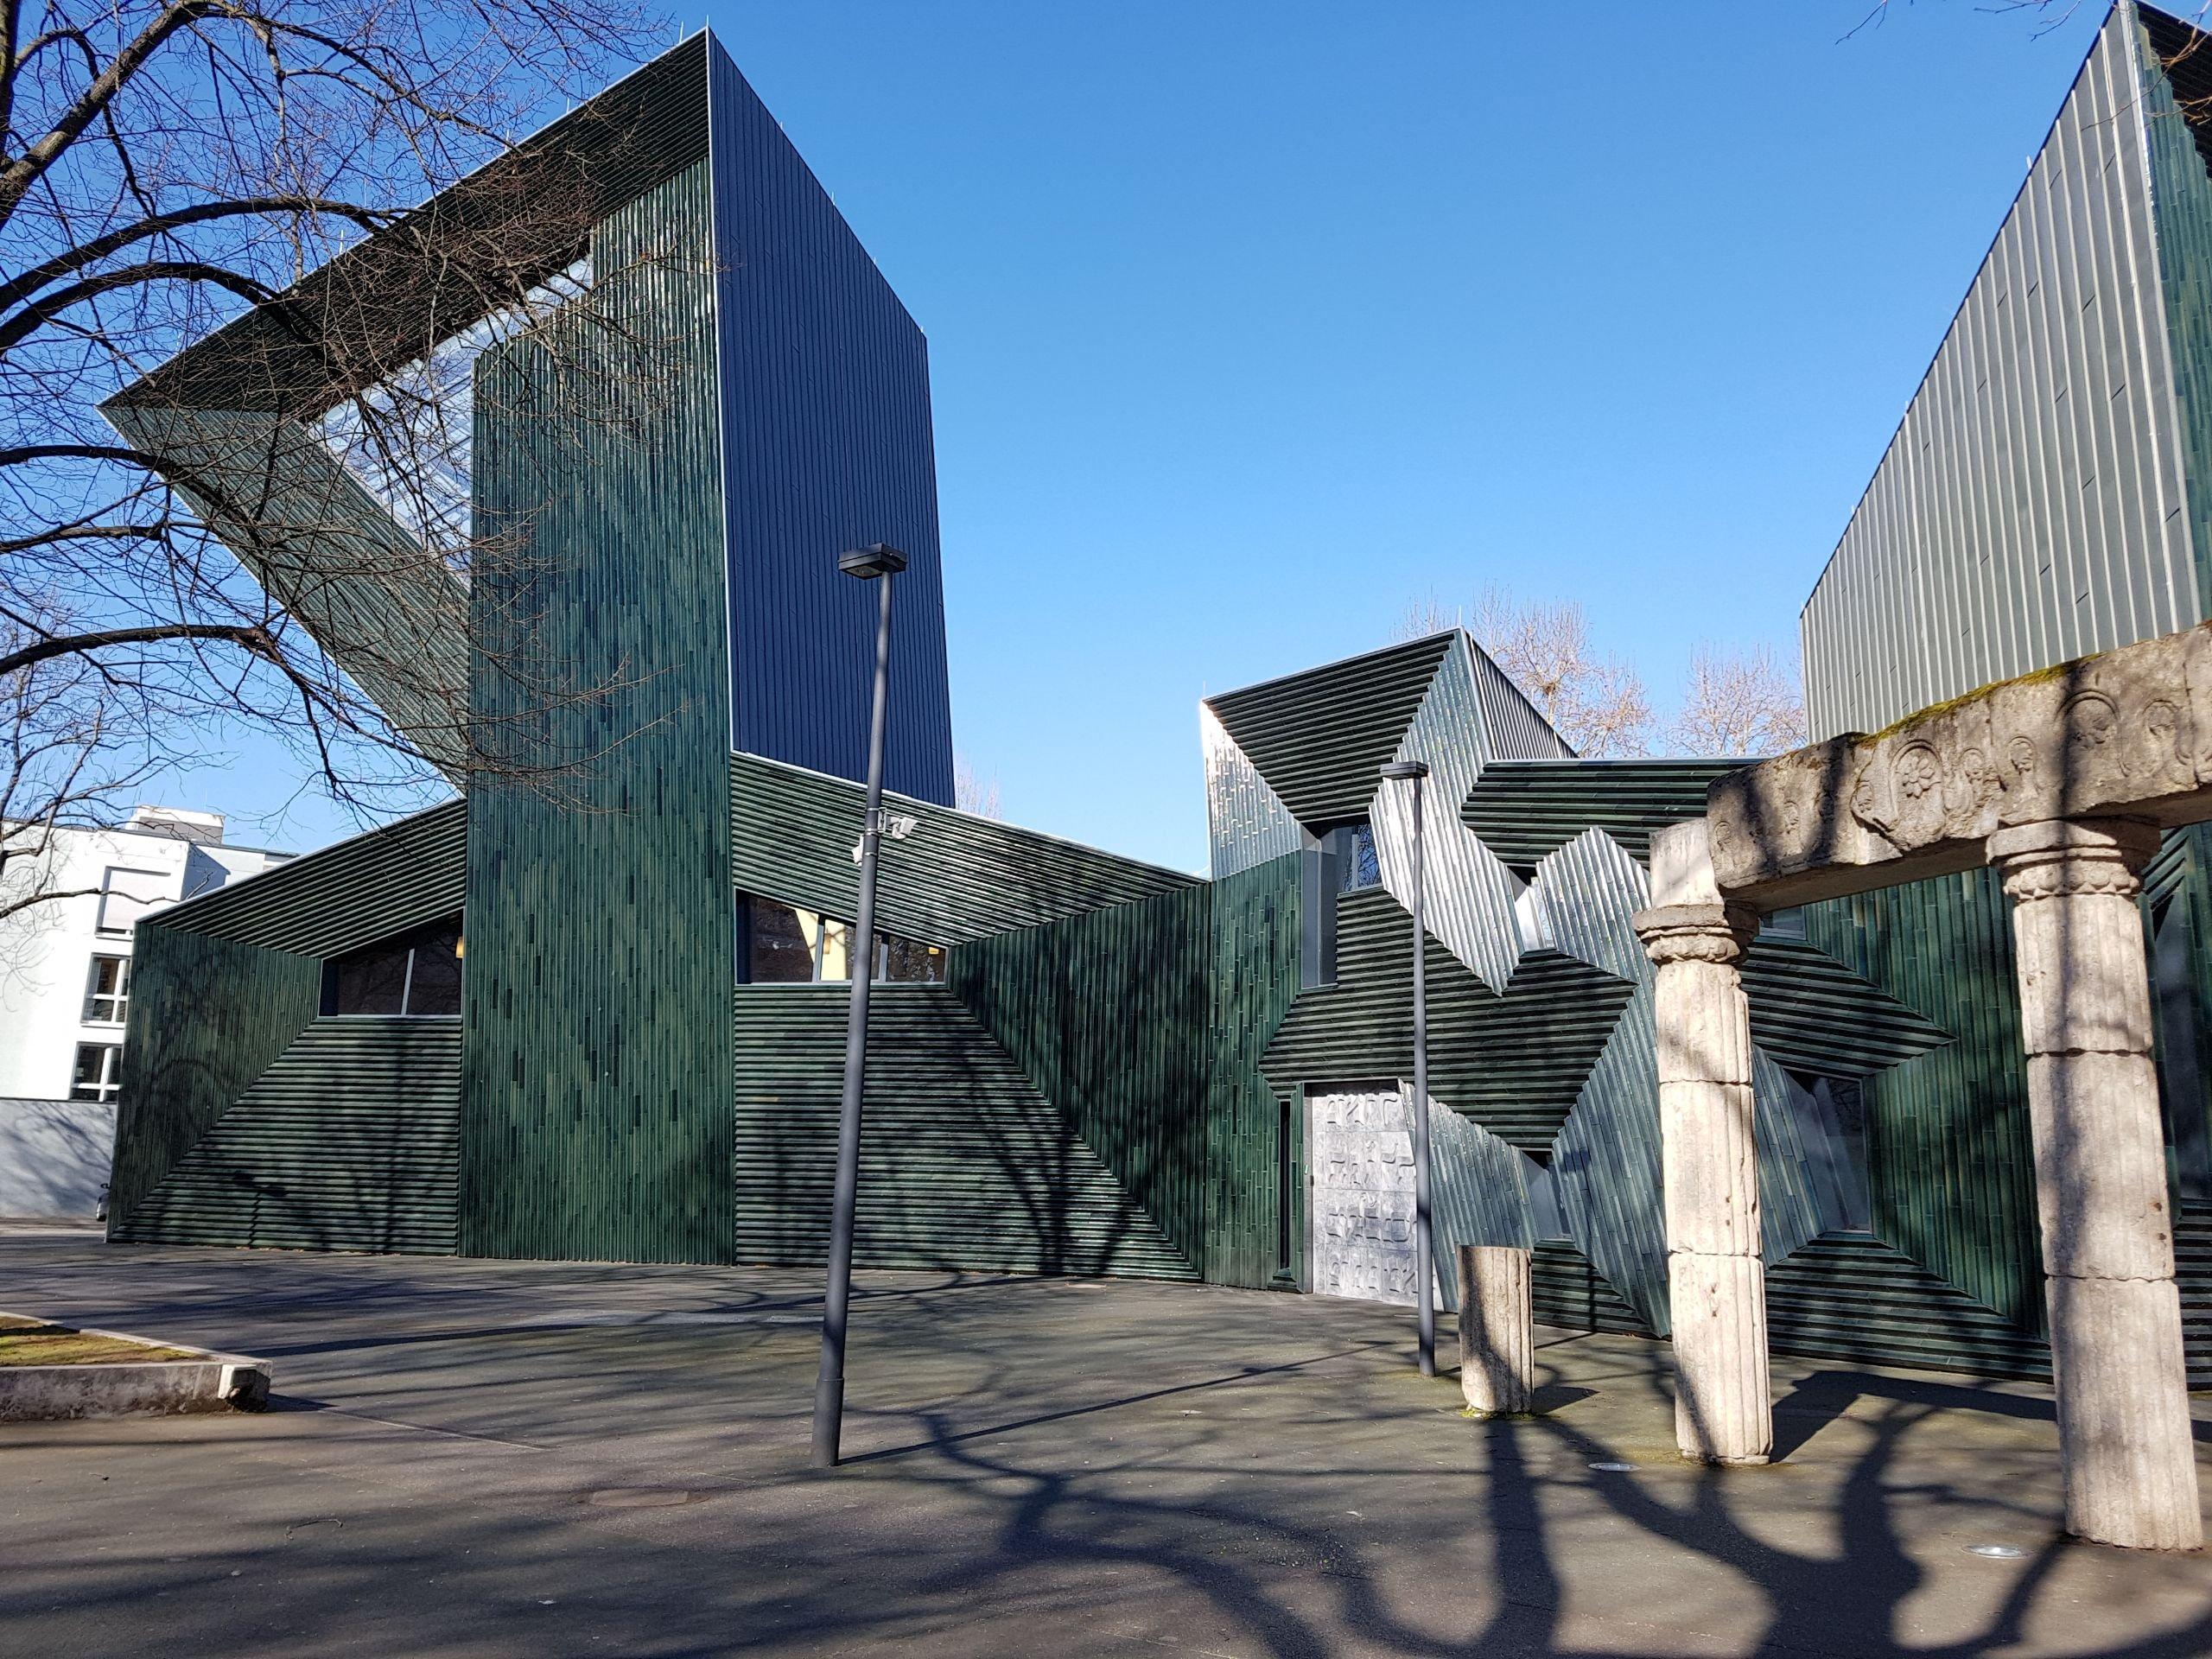 neue Synagoge 6 bild aussen